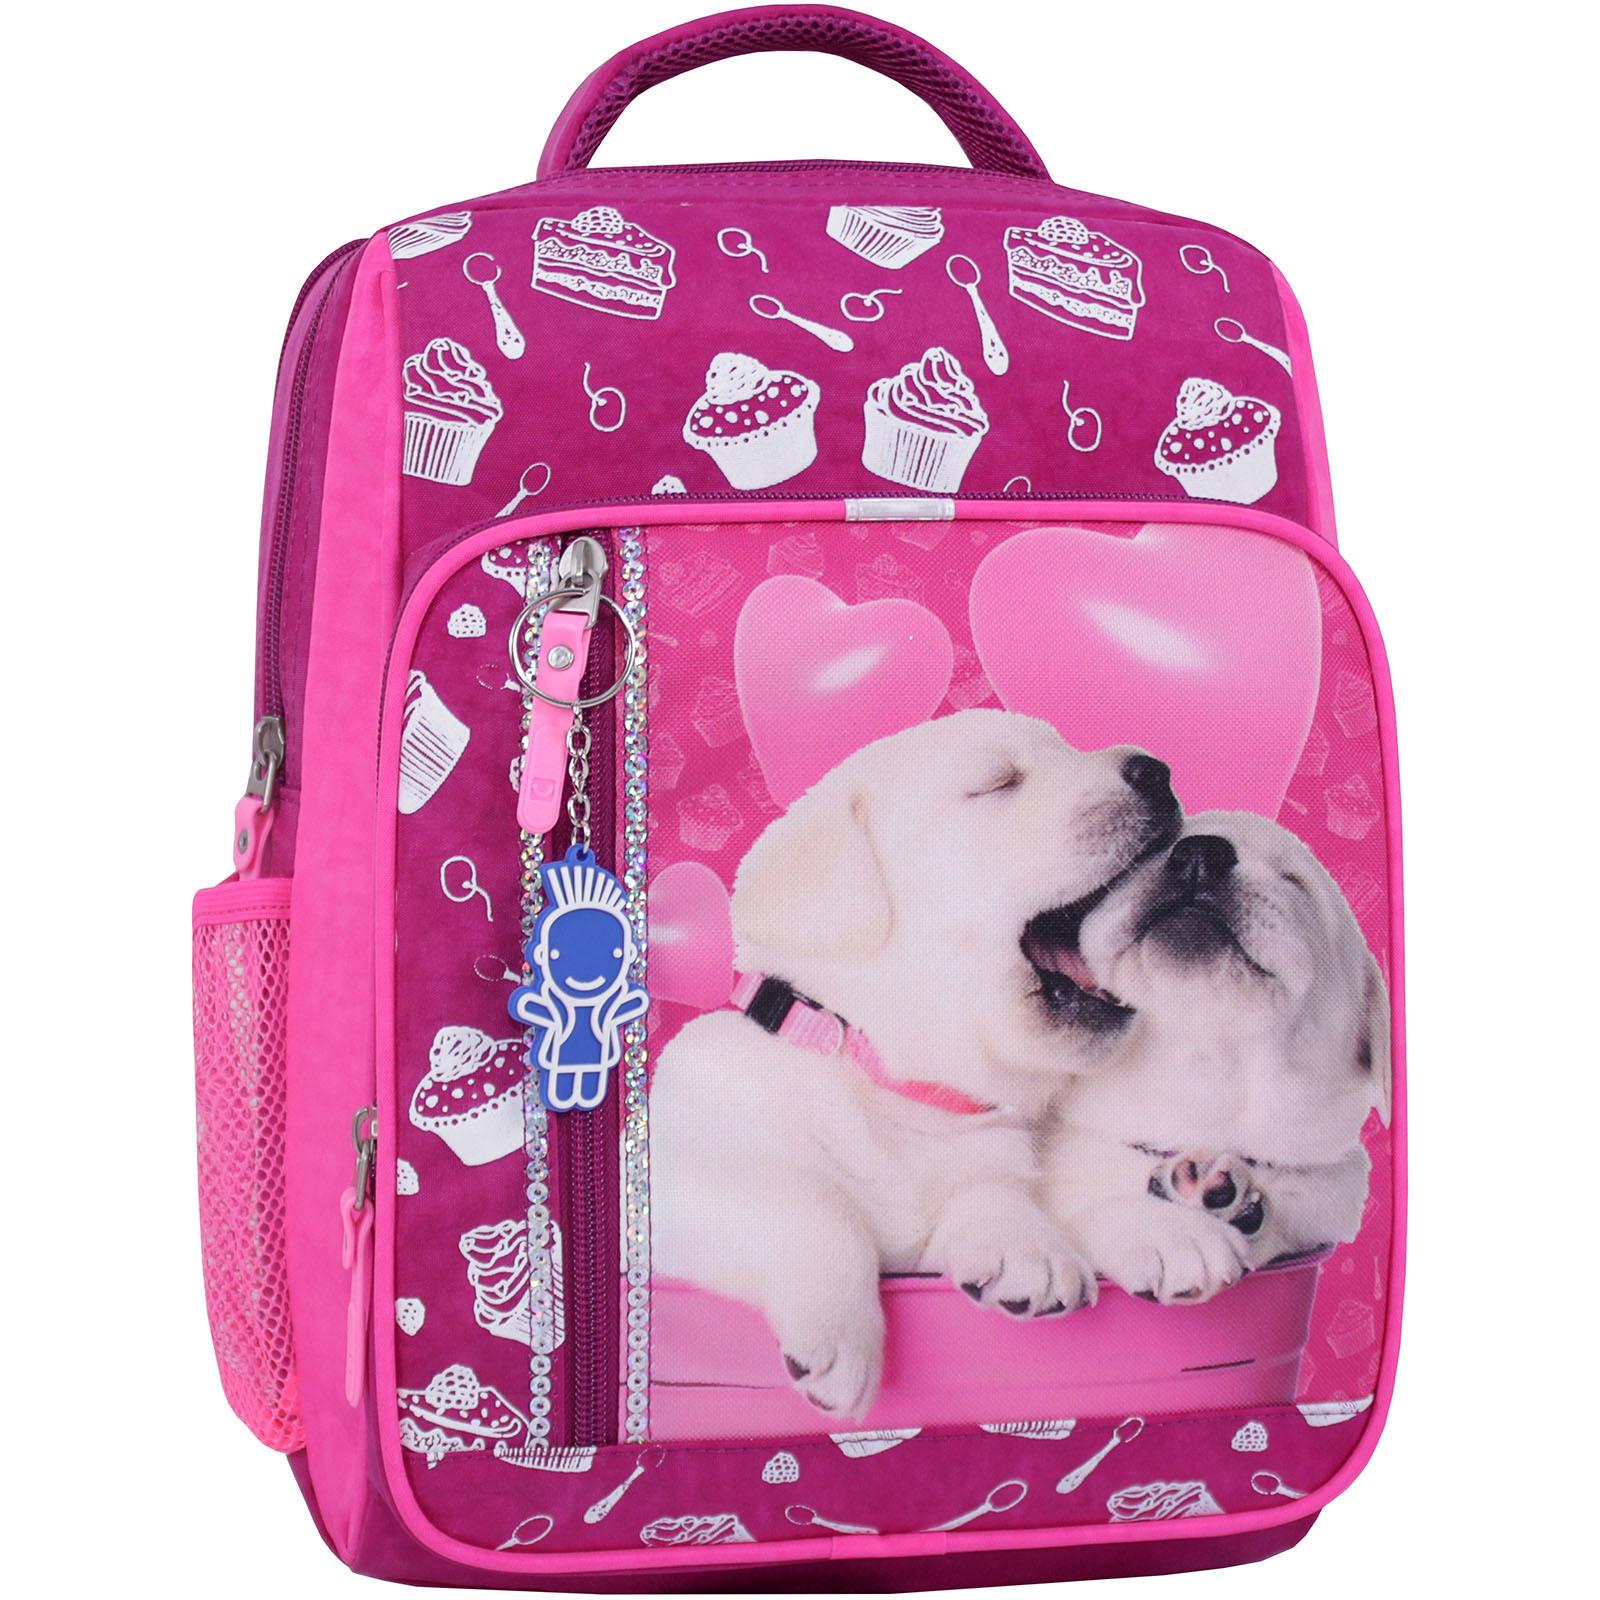 Детские рюкзаки Рюкзак школьный Bagland Школьник 8 л. 143 малиновый 593 (0012870) IMG_0729_суб.593_.JPG